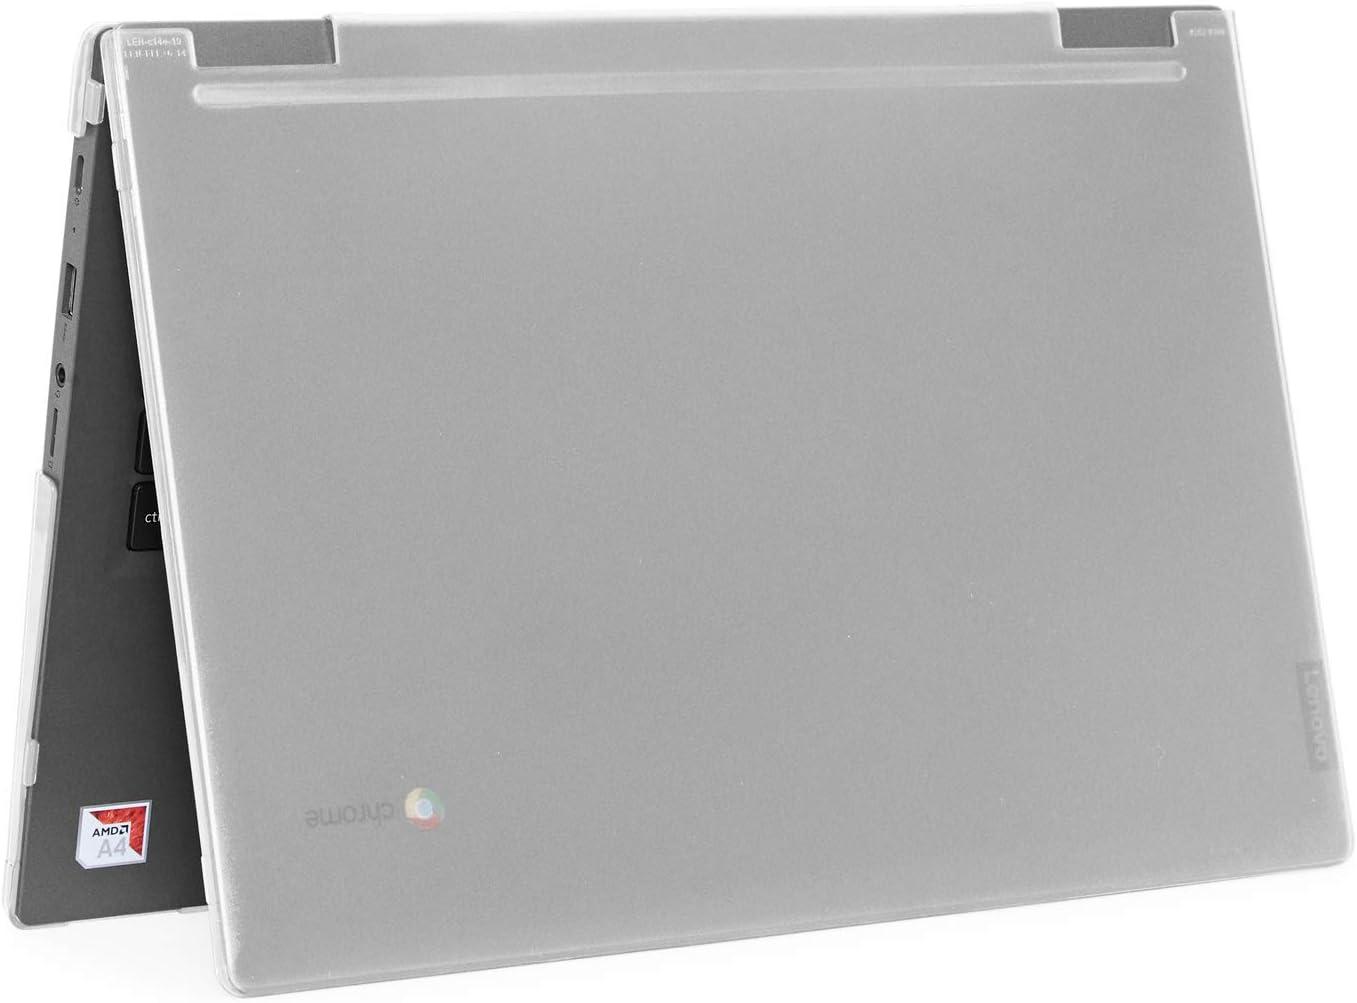 """mCover Hard Shell Case for 2019 14"""" Lenovo 14e Series Chromebook Laptop (NOT Fitting Older 14"""" Lenovo N42 / S330 and 11.6"""" N22 / N23 / N24, etc Chromebook) (LEN-C14e Clear)"""